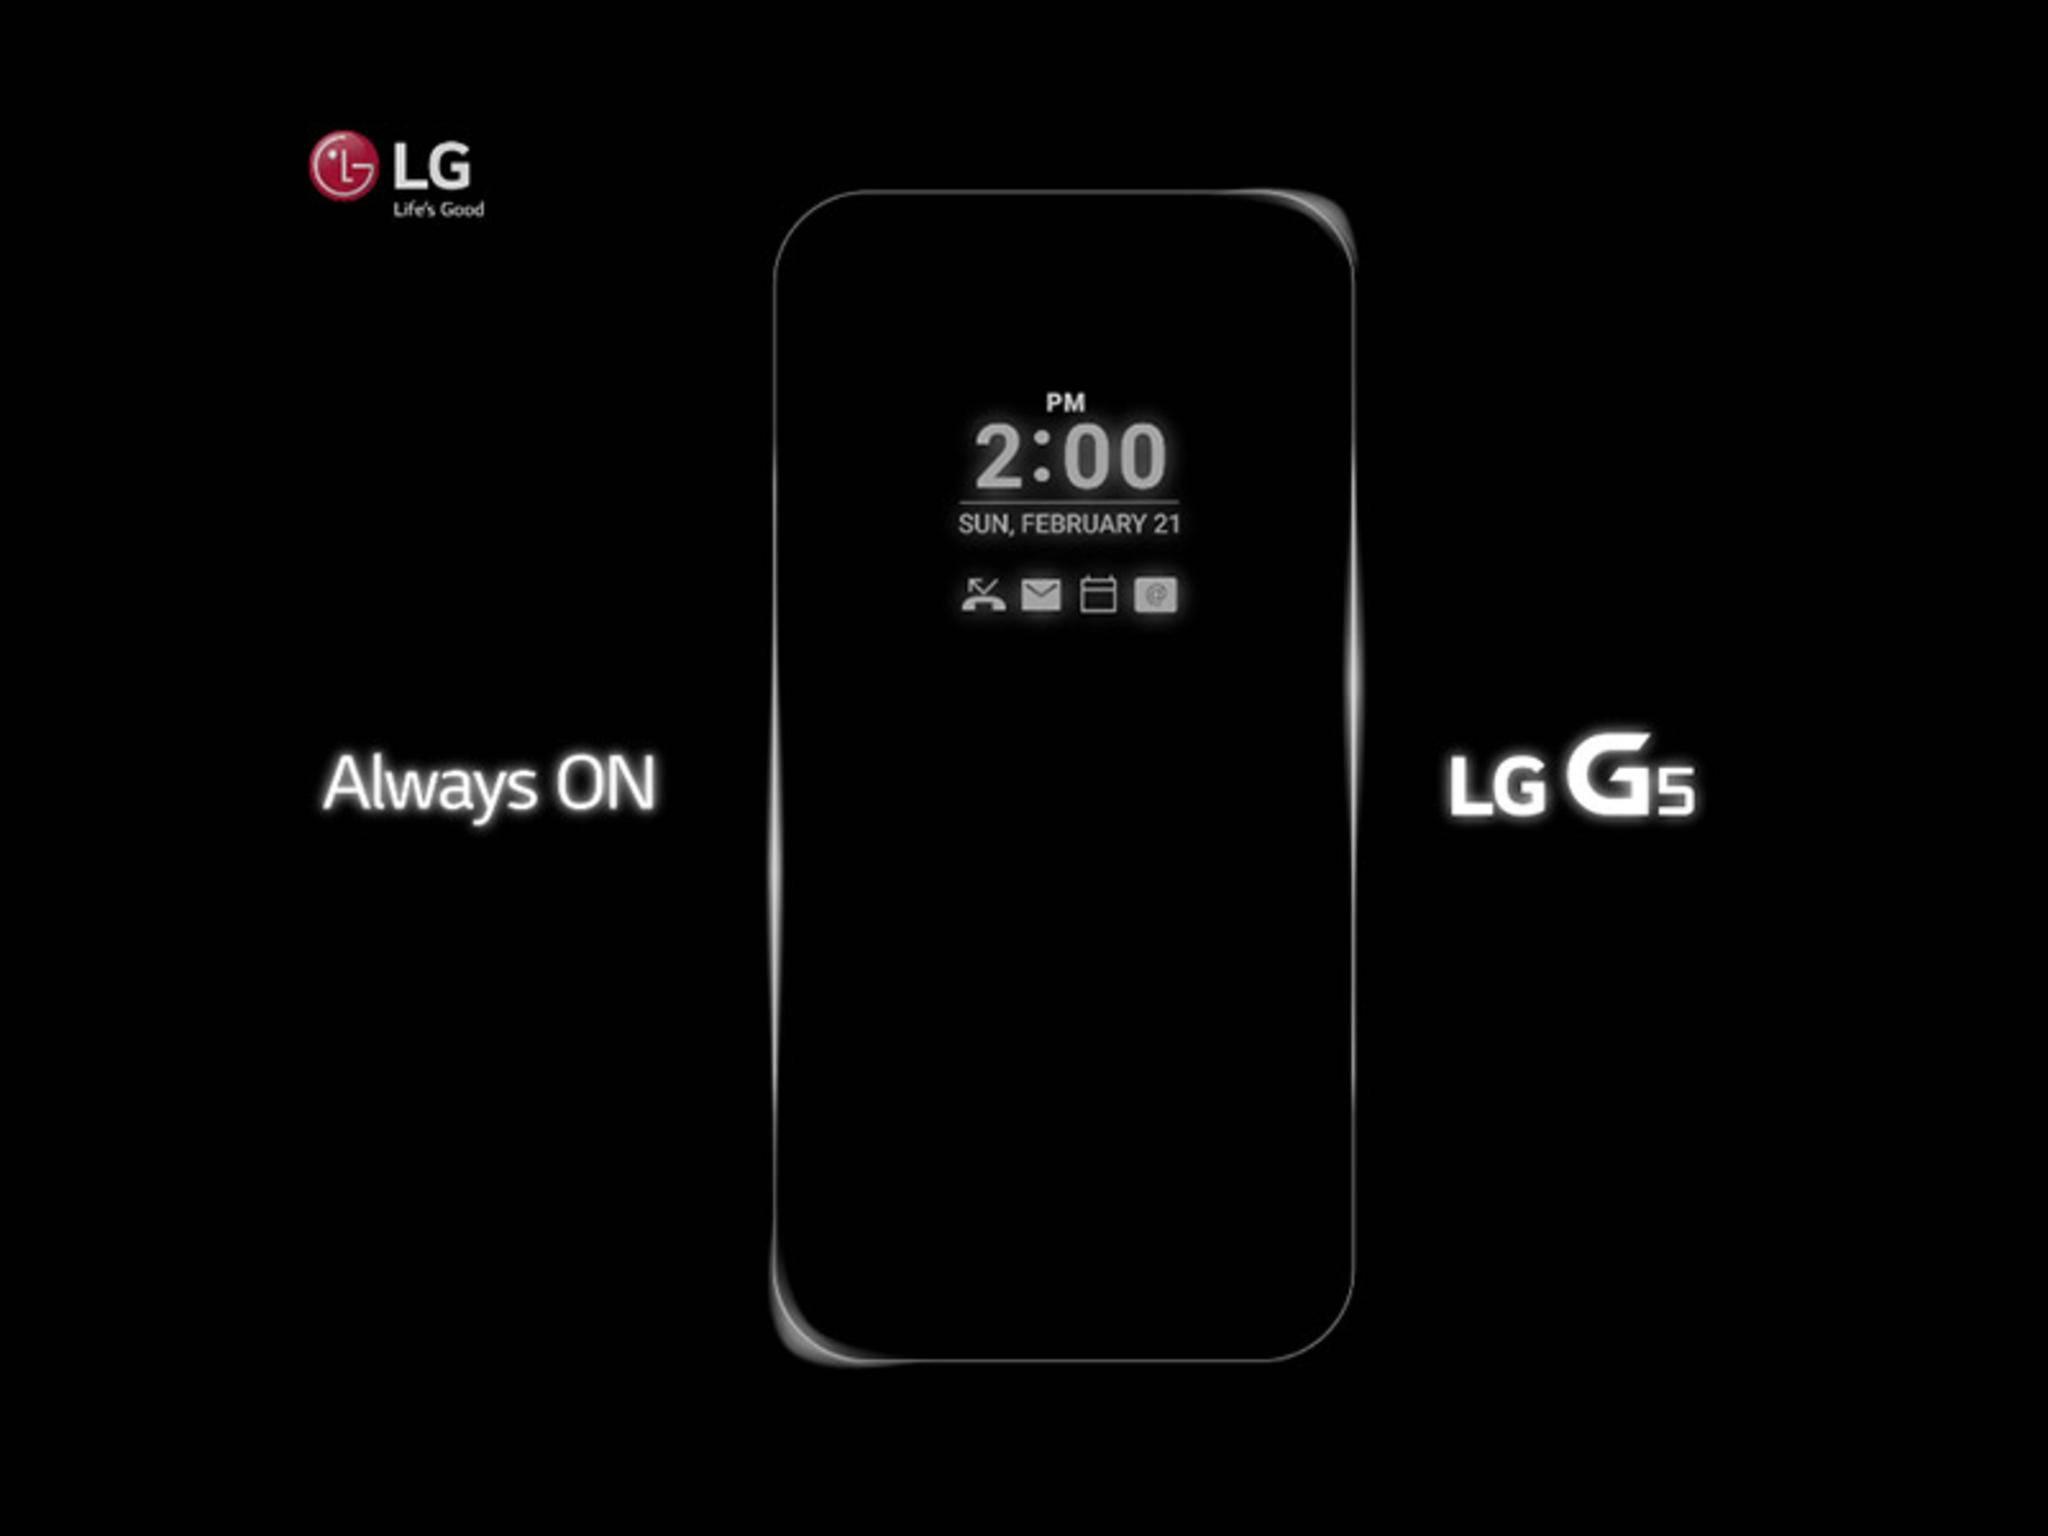 Das LG G5 wird einen Always On-Modus bieten.